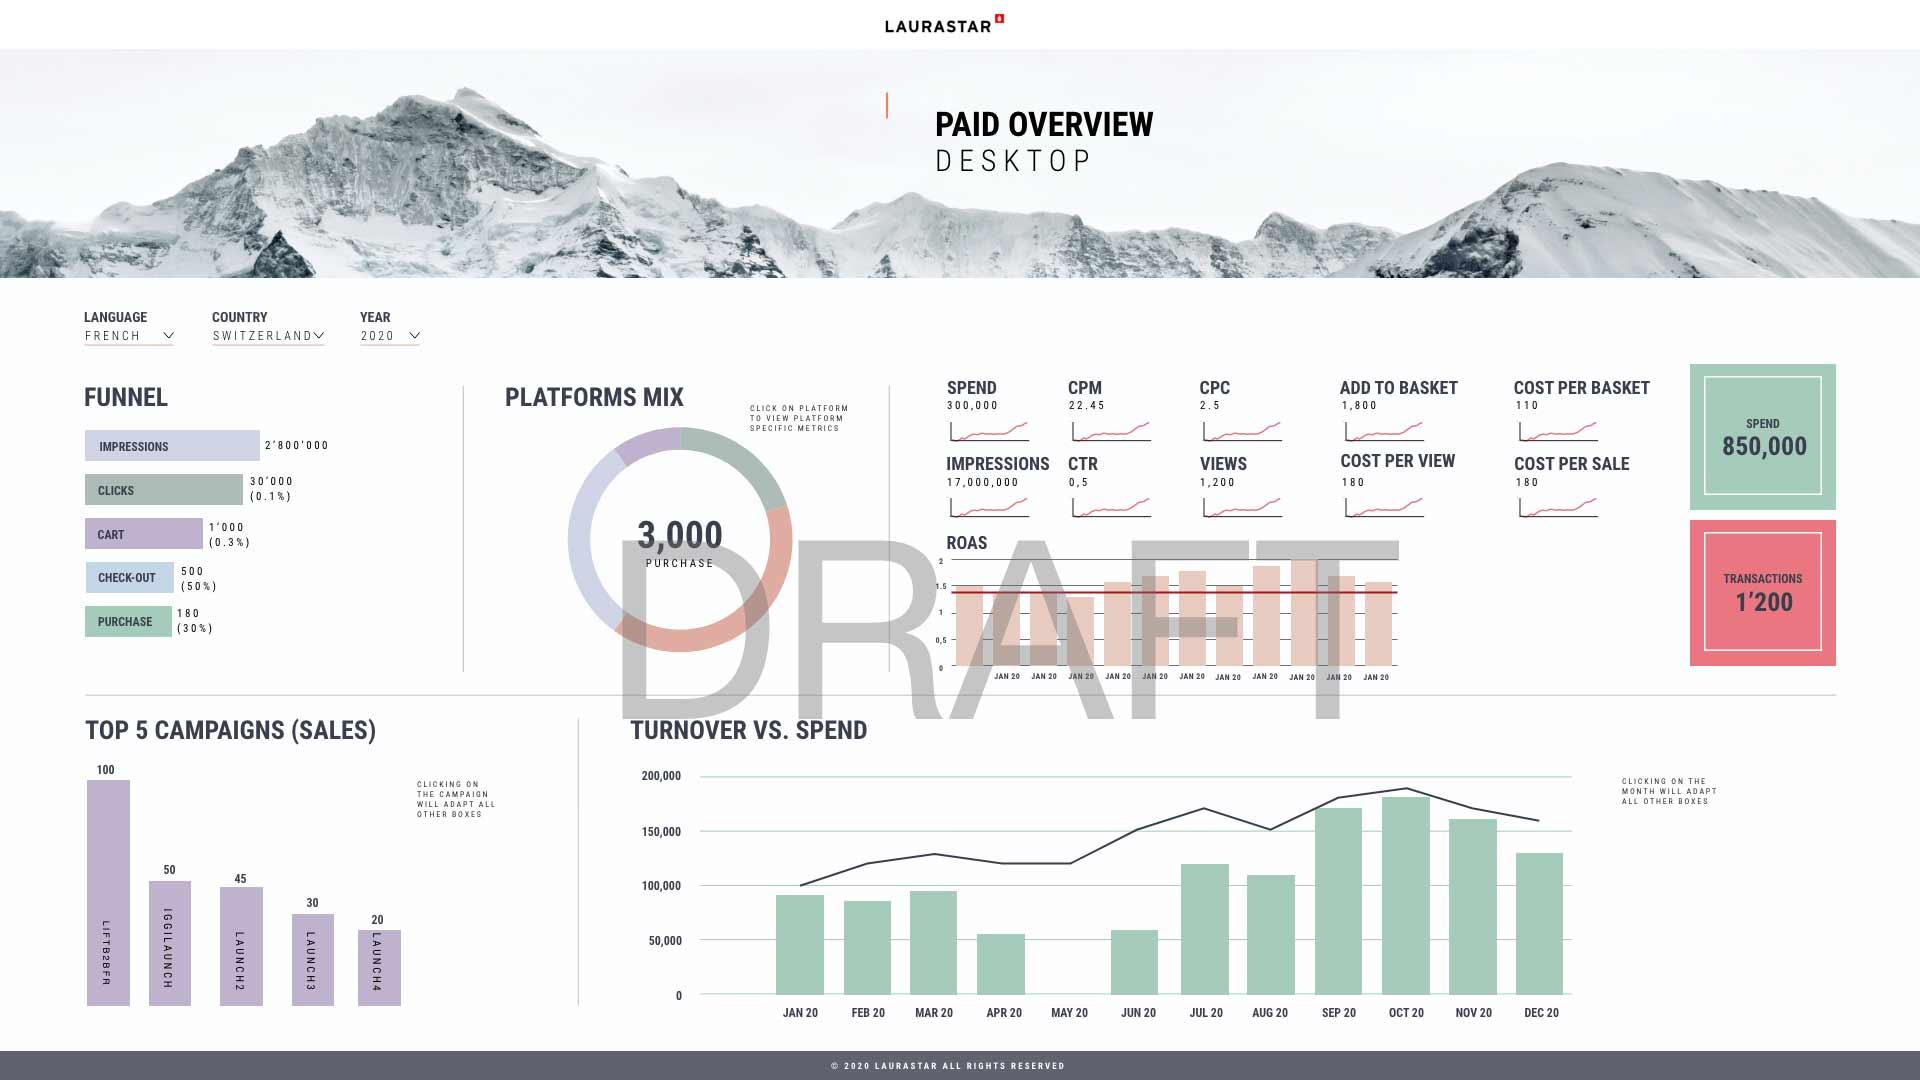 tableau marketing dashboard